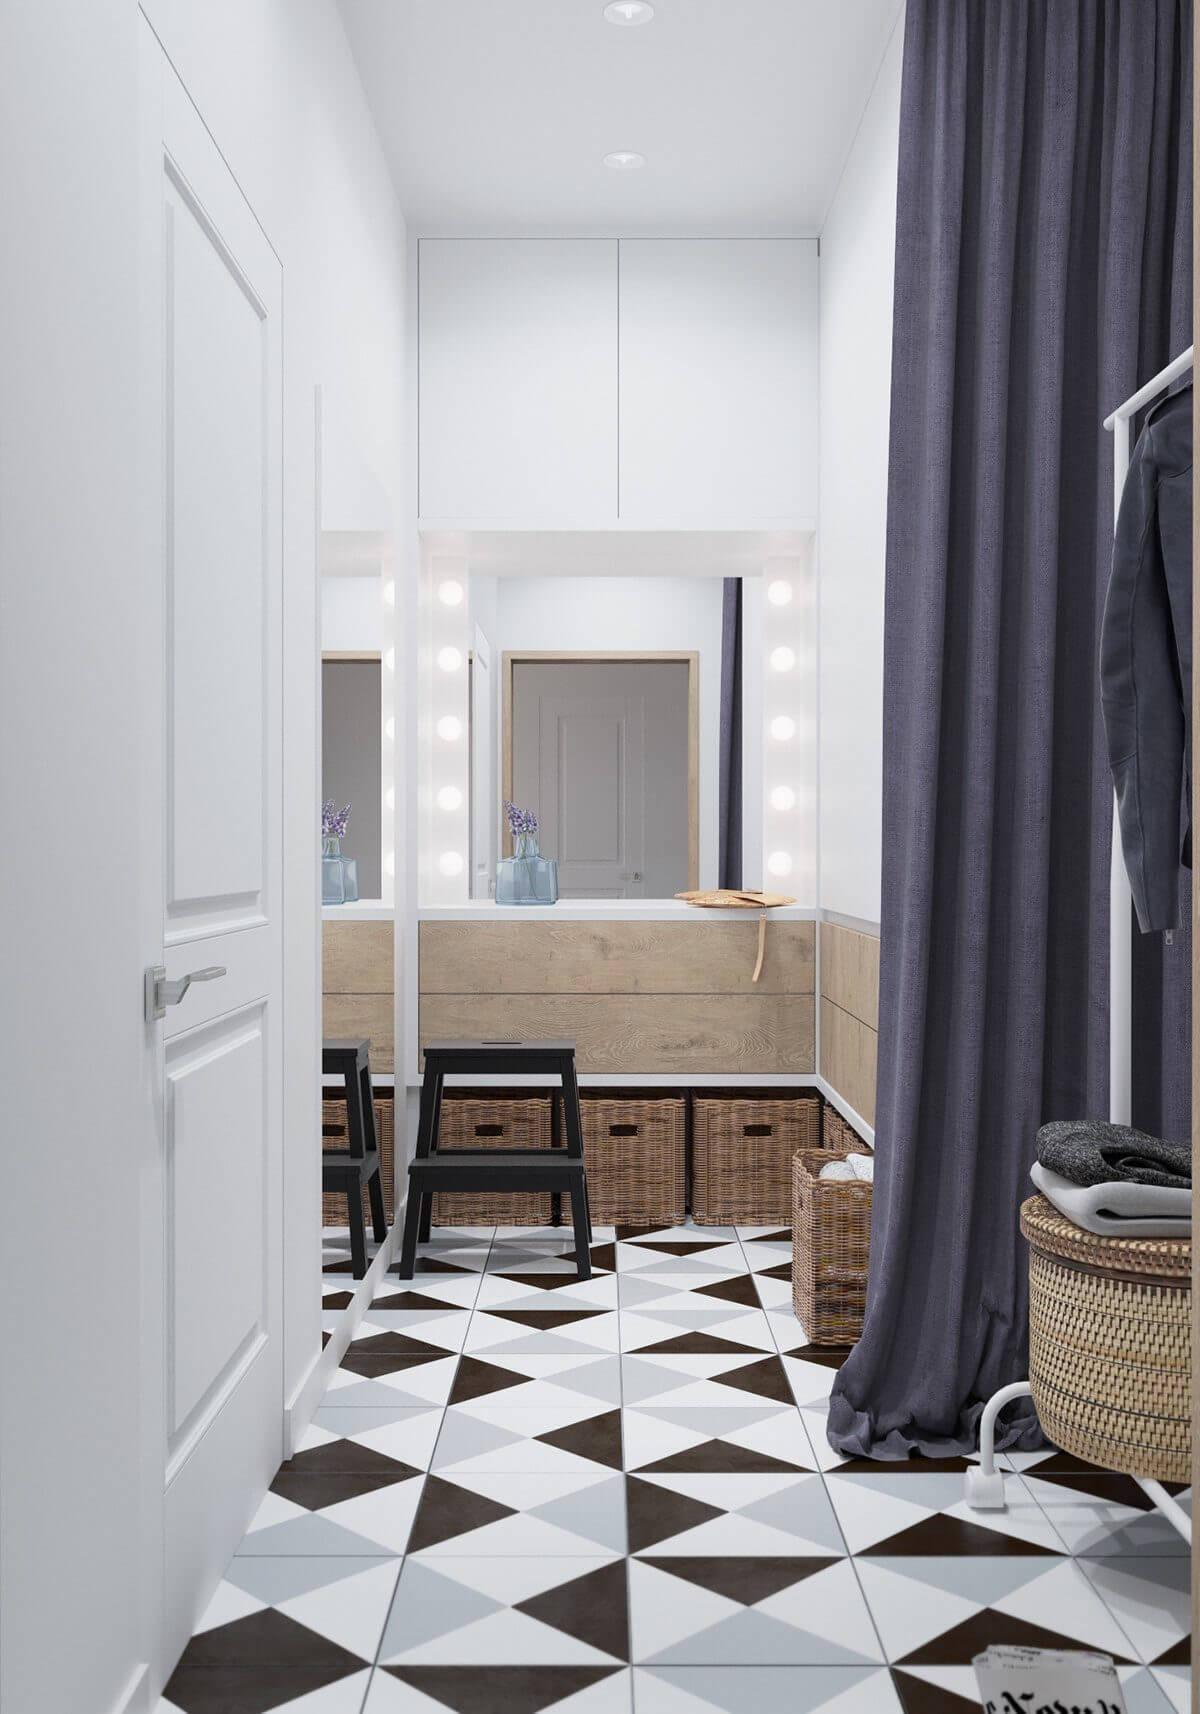 extra space unique tiles geometric laundry Hô biến căn hộ dưới 50m2 thành không gian rộng rãi và cá tính qpdesign